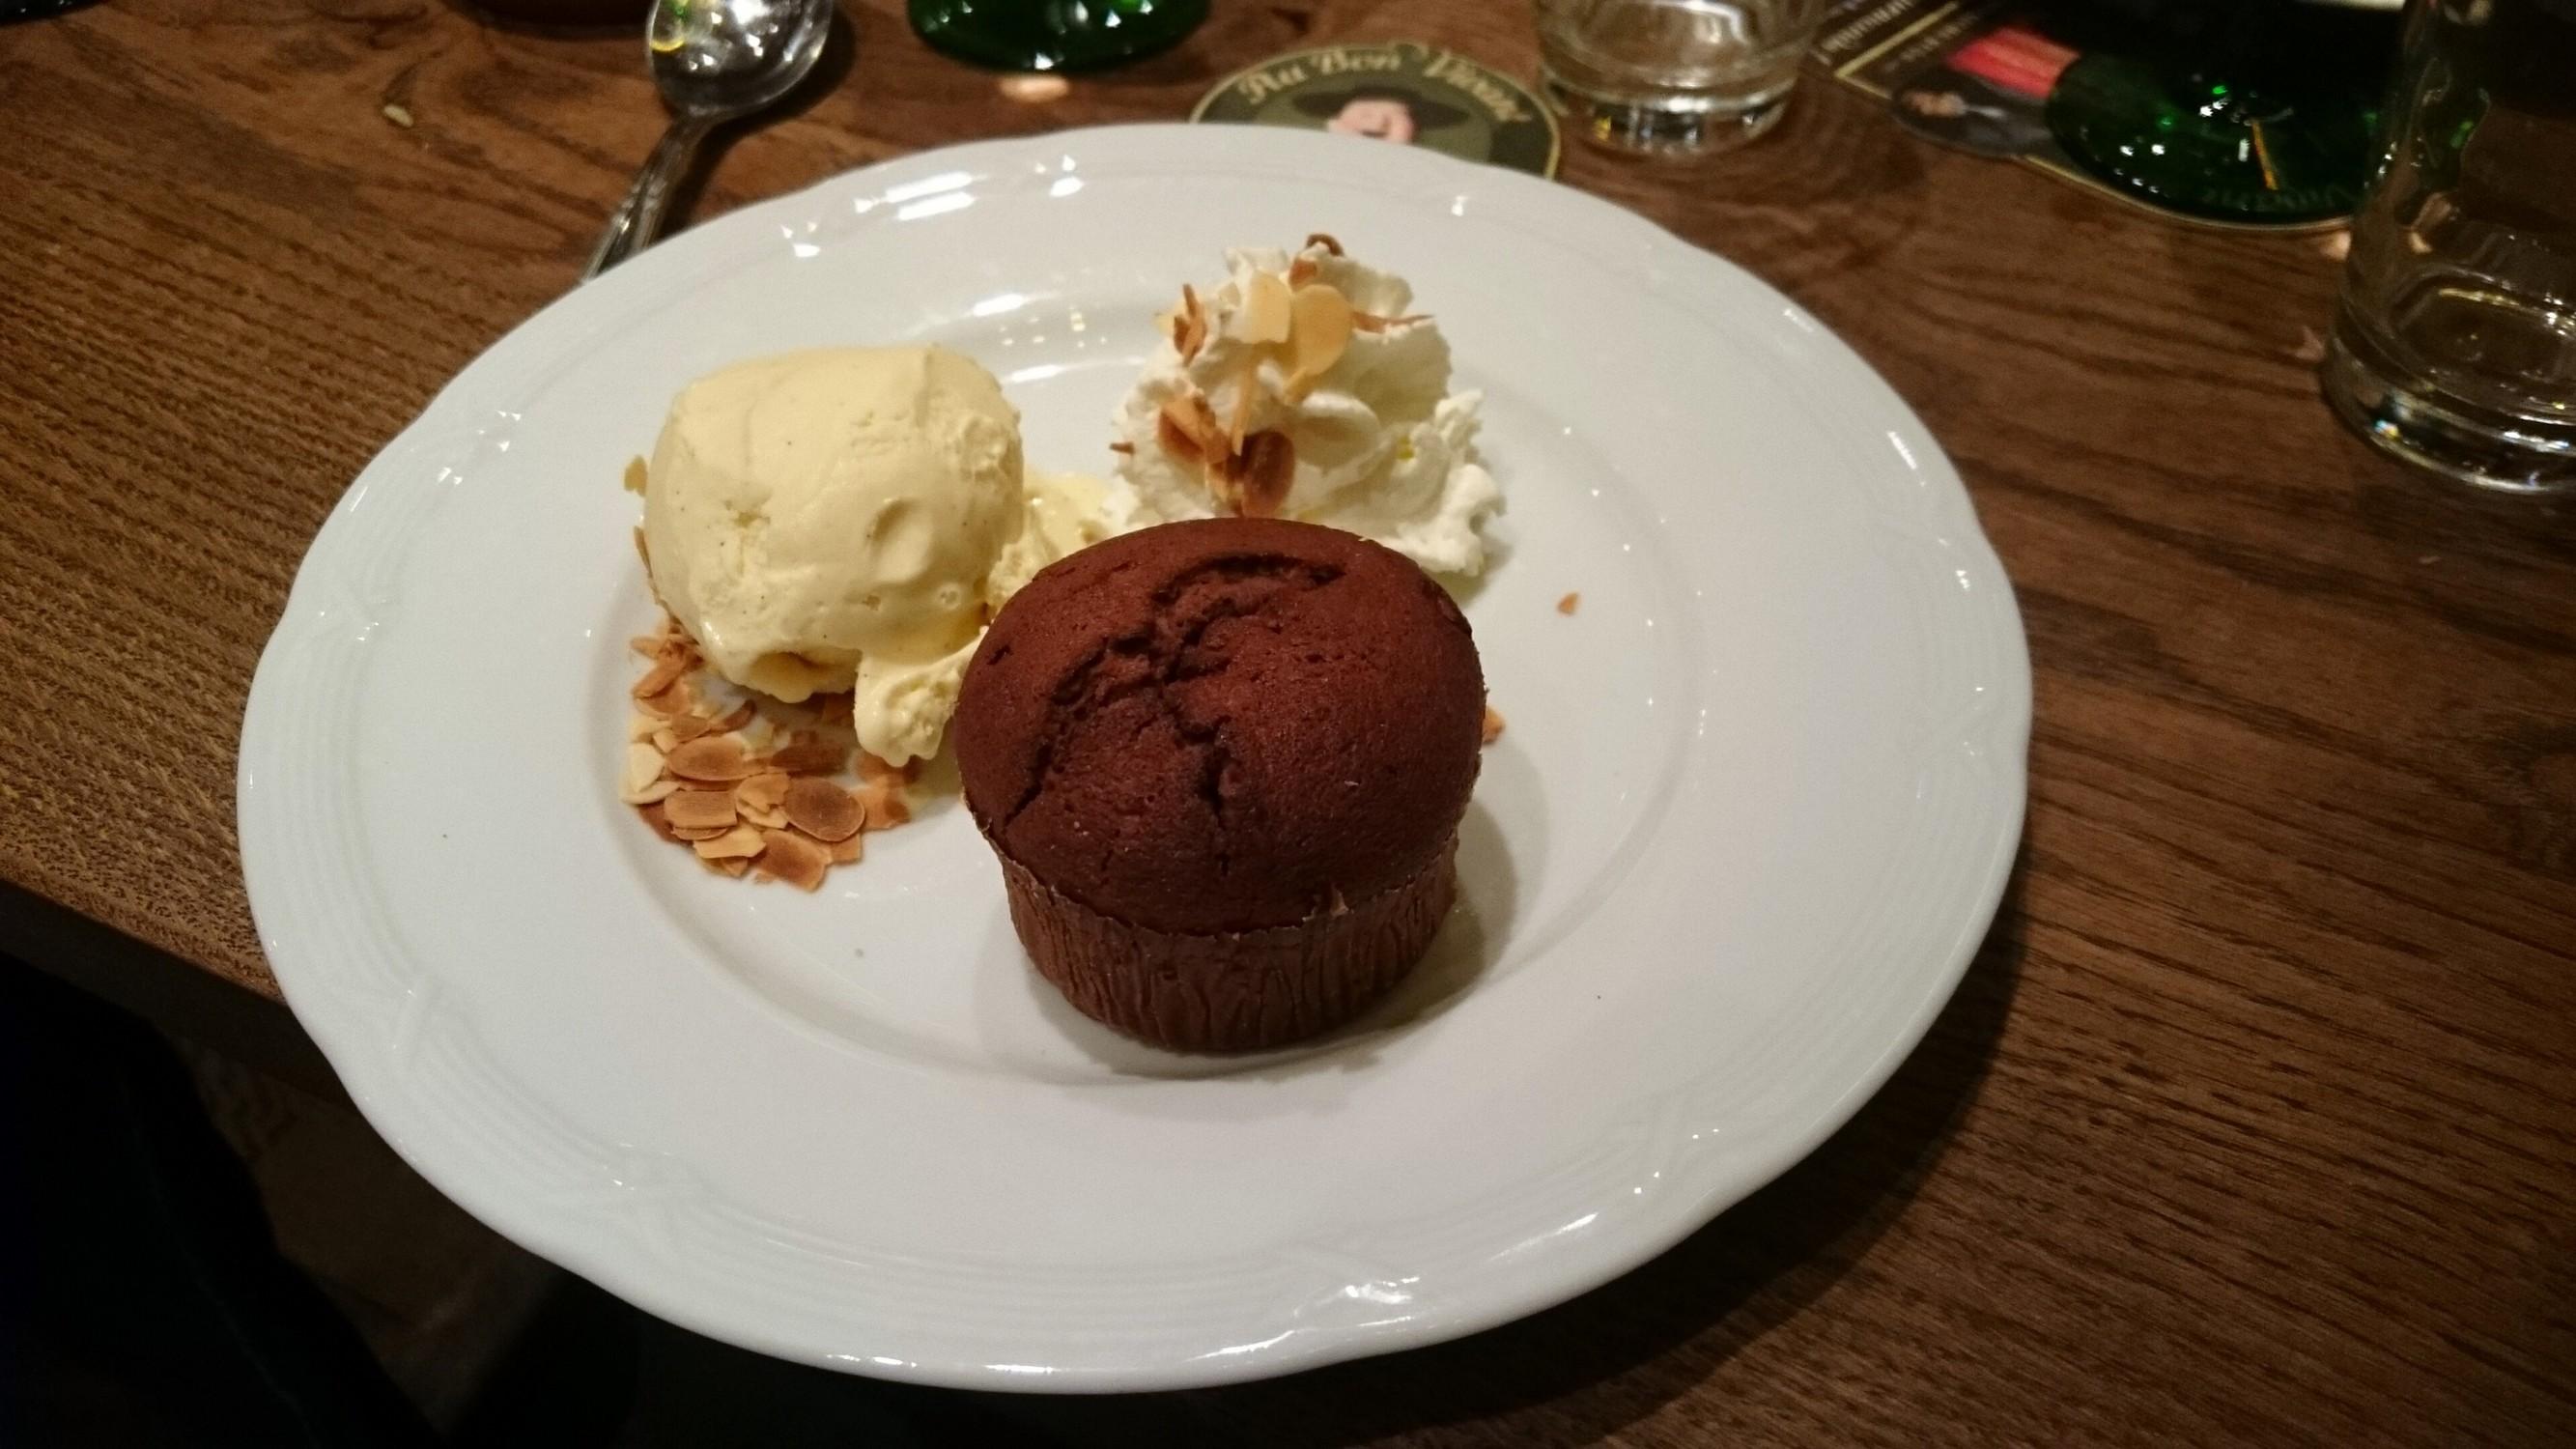 moelleux au chocolat bonvivant Au bon vivant Winstub Restaurant Strasbourg